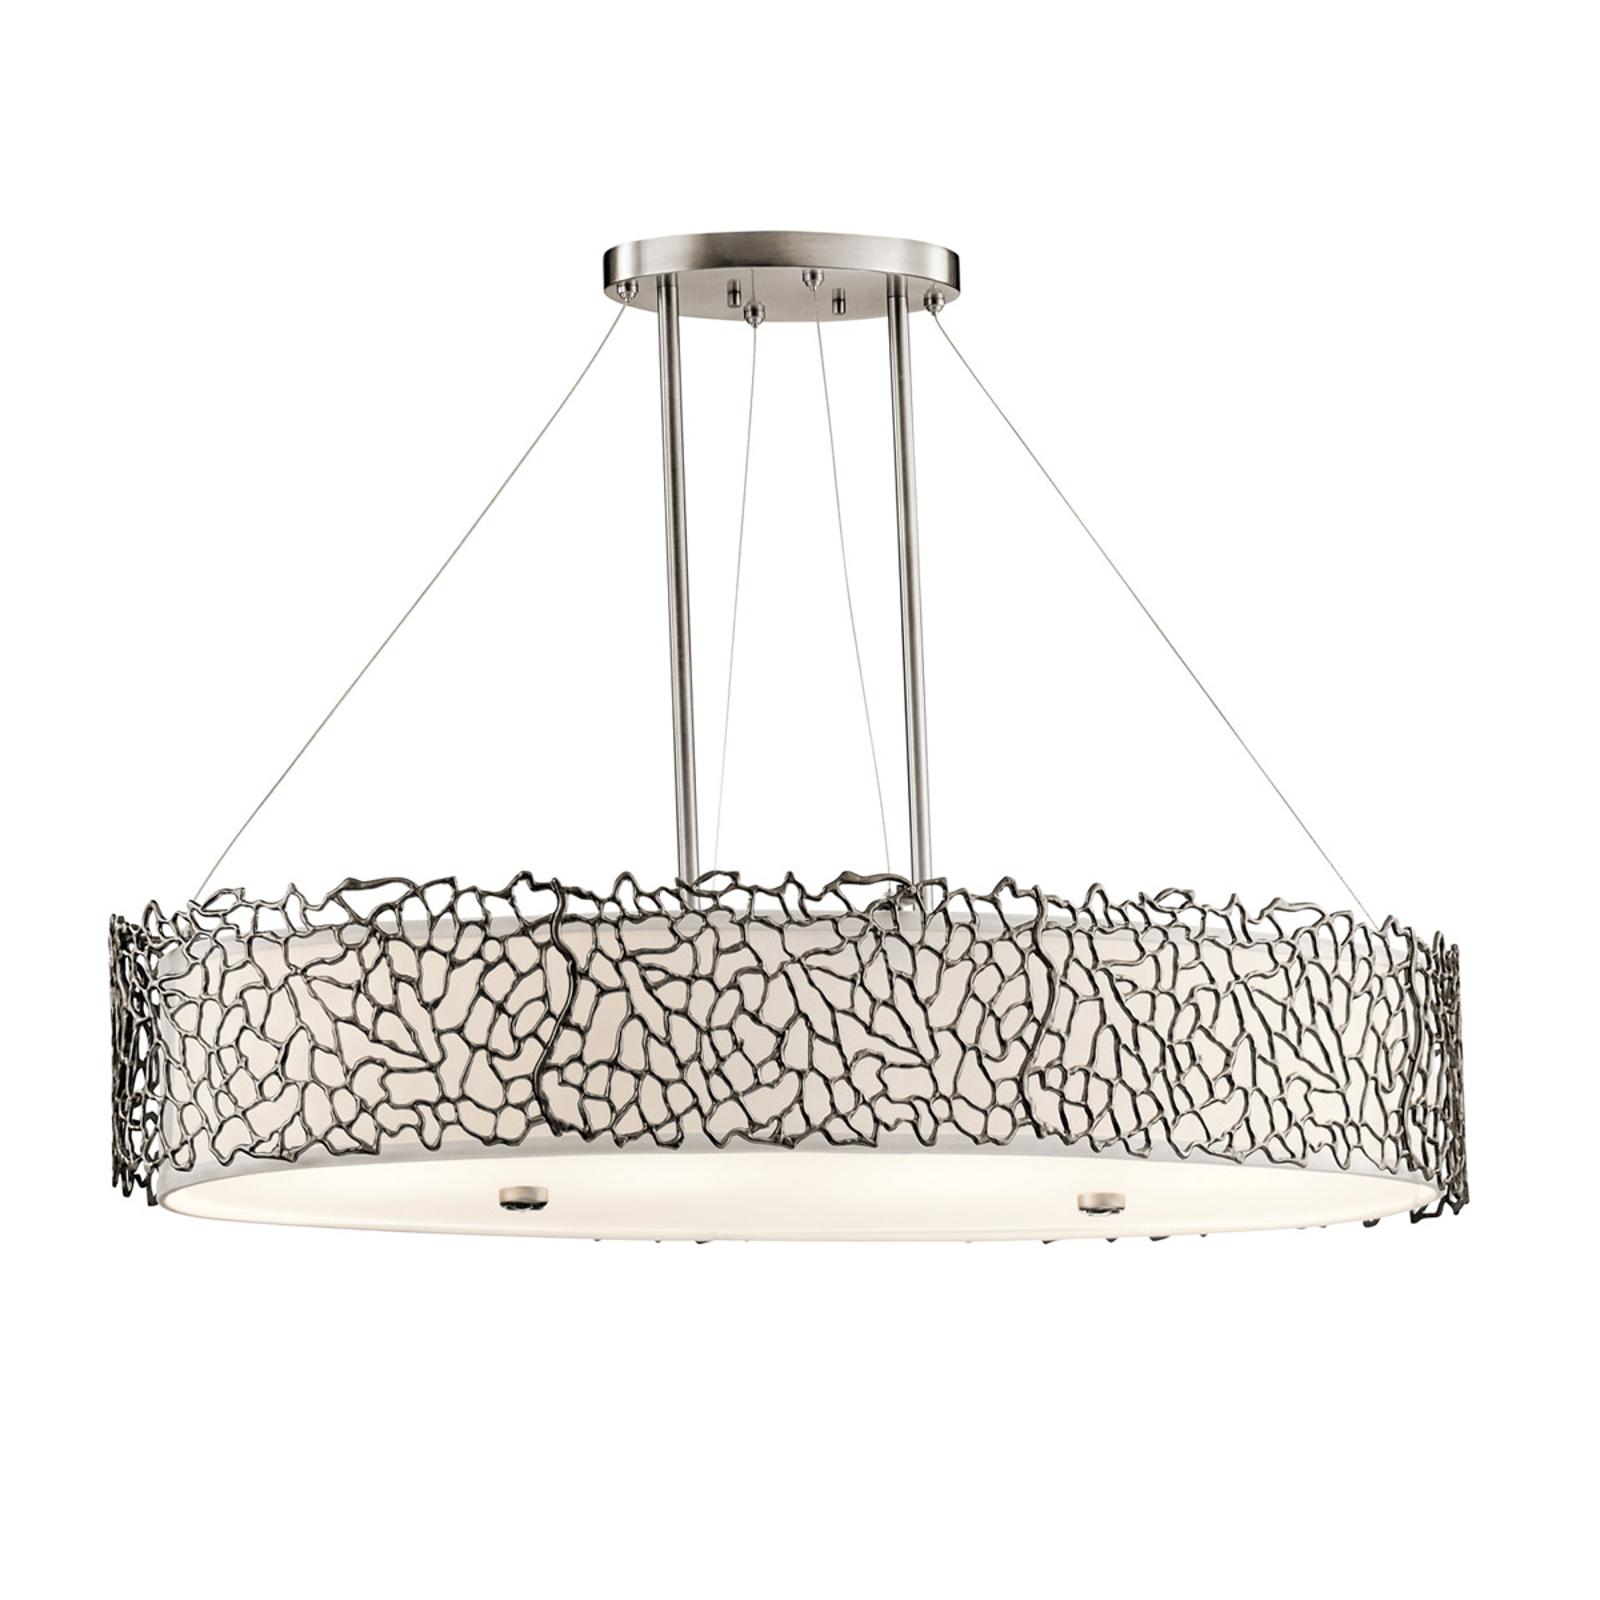 Oválna závesná lampa Silver Coral_3048281_1